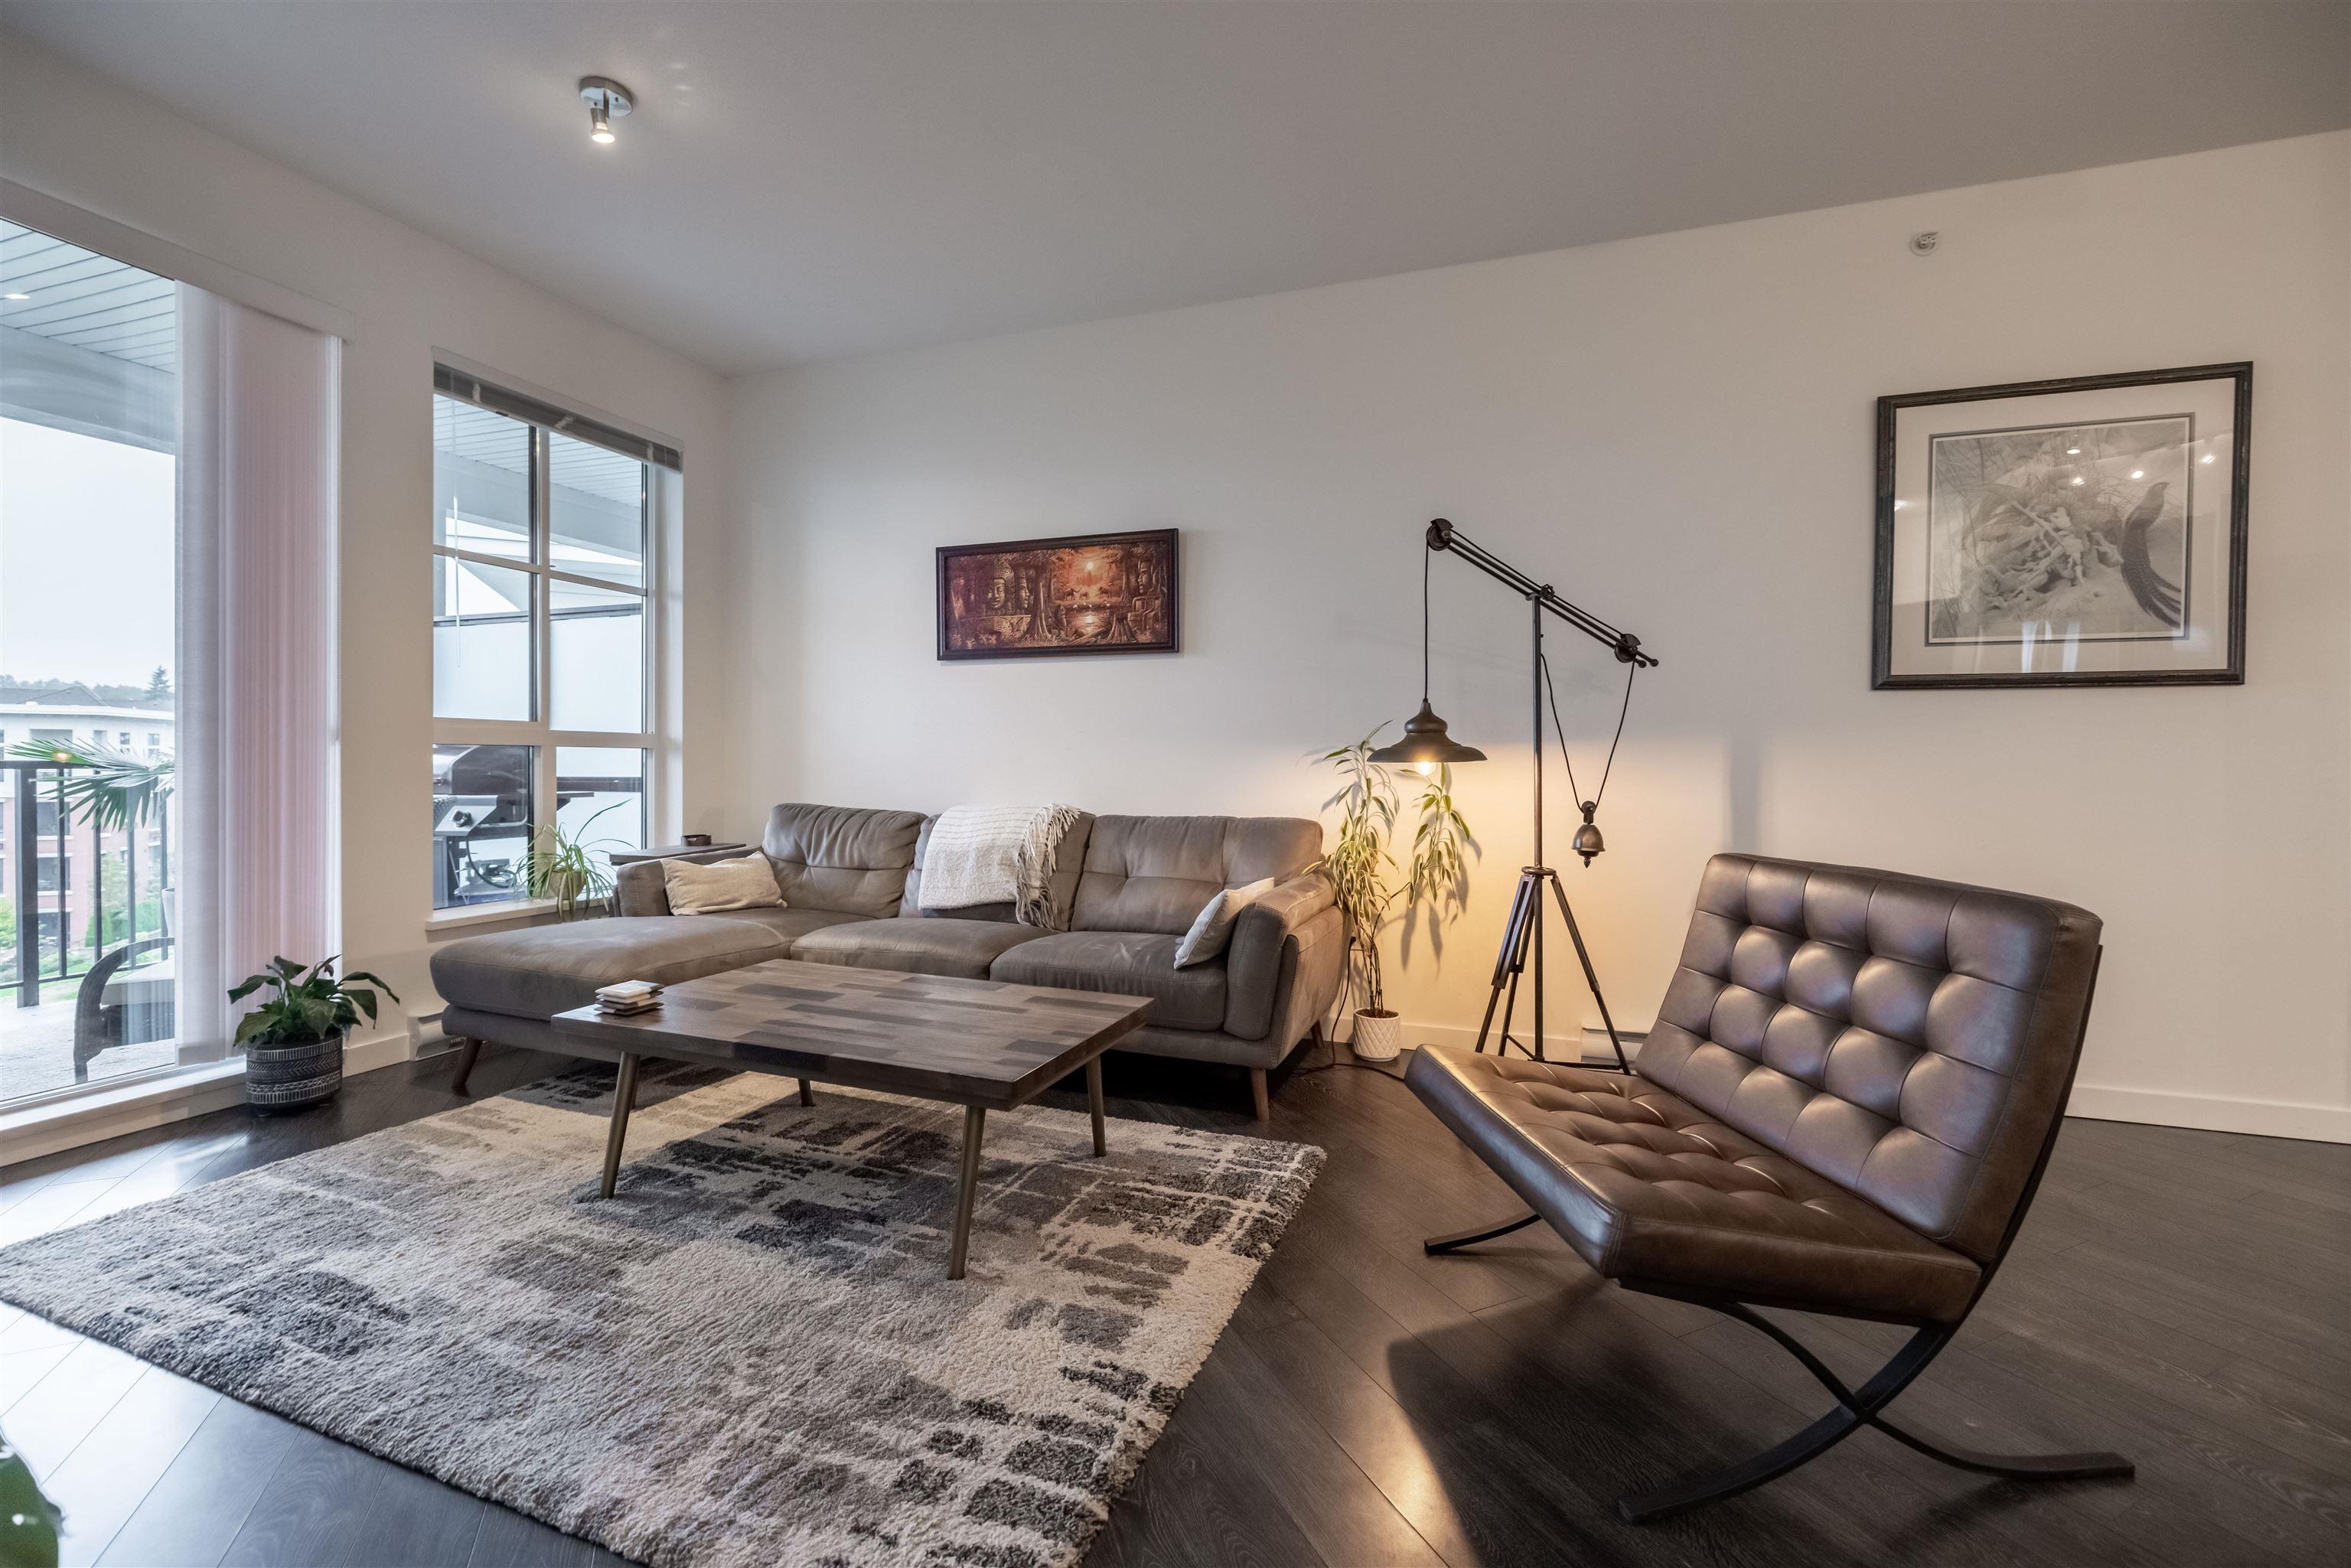 405 15137 33 AVENUE - Morgan Creek Apartment/Condo for sale, 1 Bedroom (R2626426) - #1